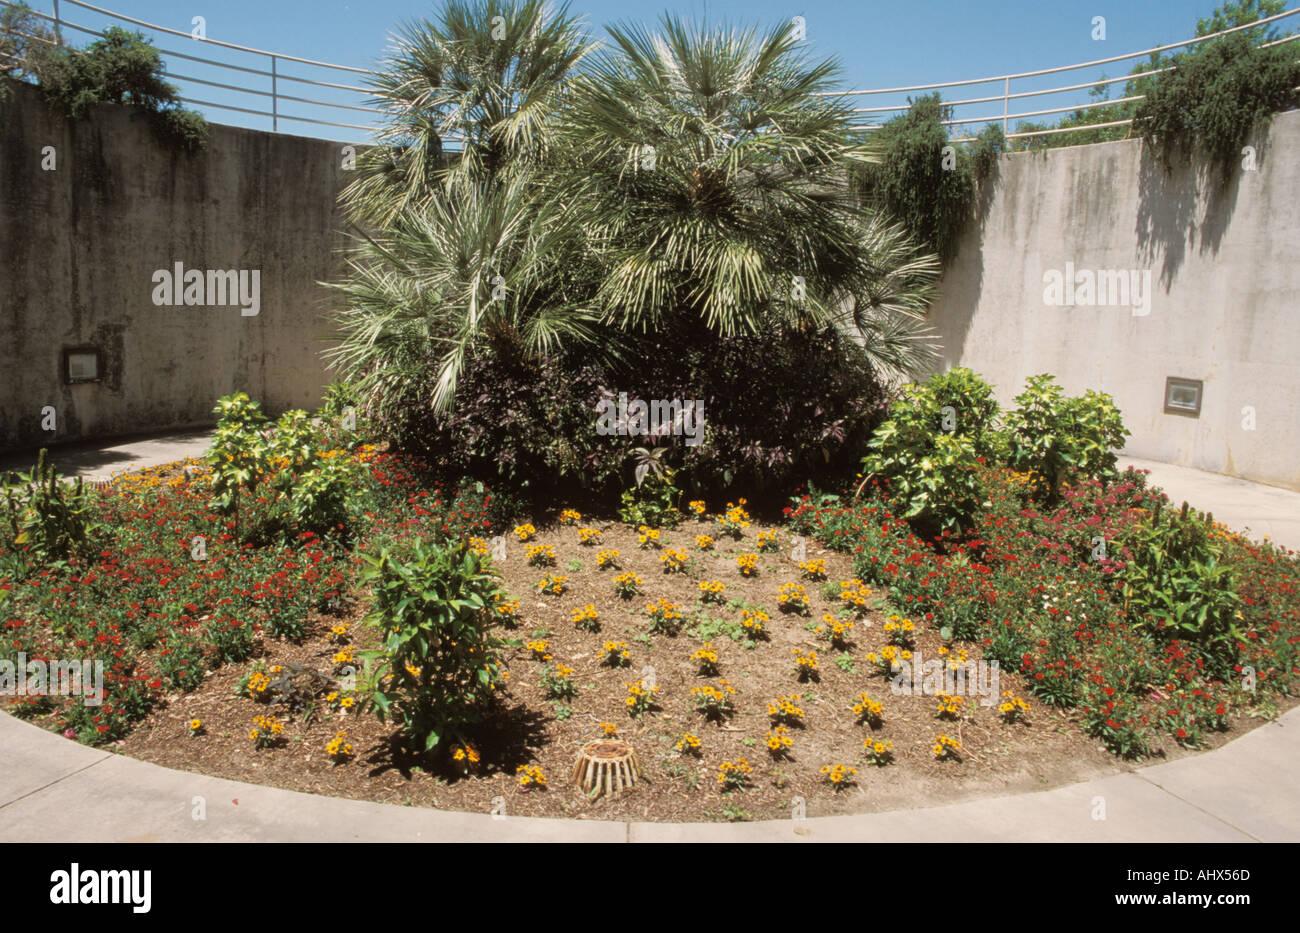 San Antonio Texas Usa Botanical Stock Photos & San Antonio Texas Usa ...